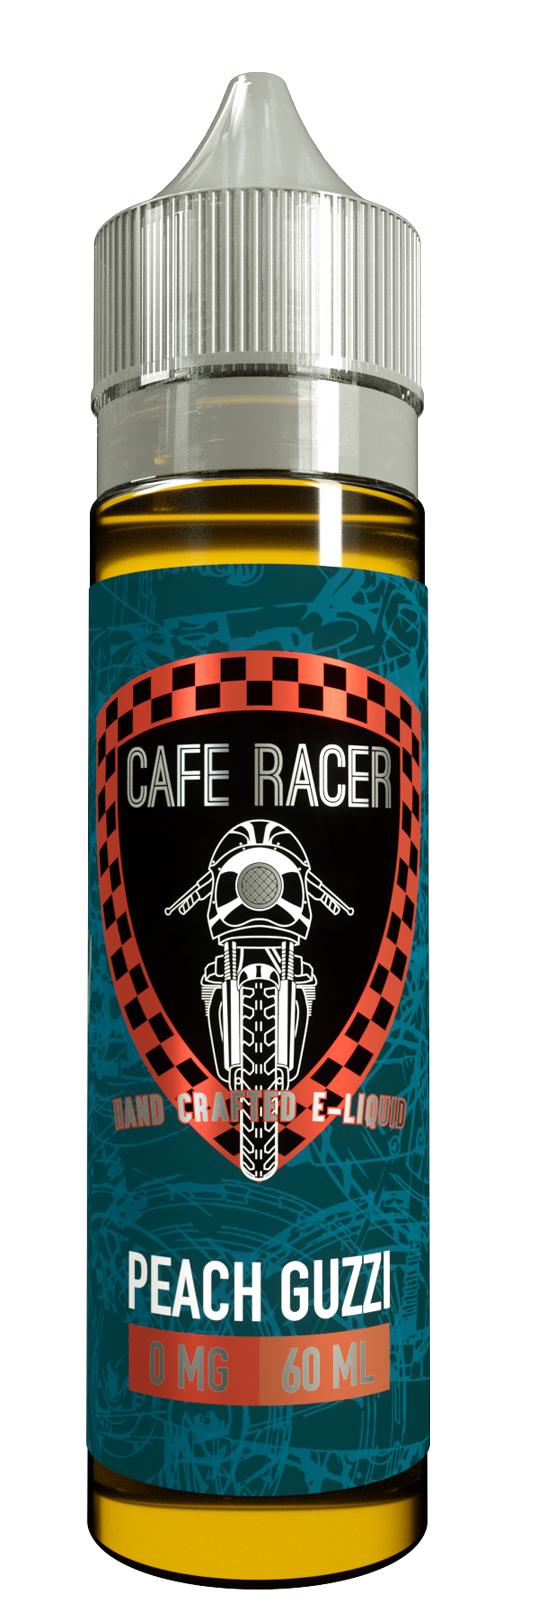 Líquido Peach Guzzi - Cafe Racer